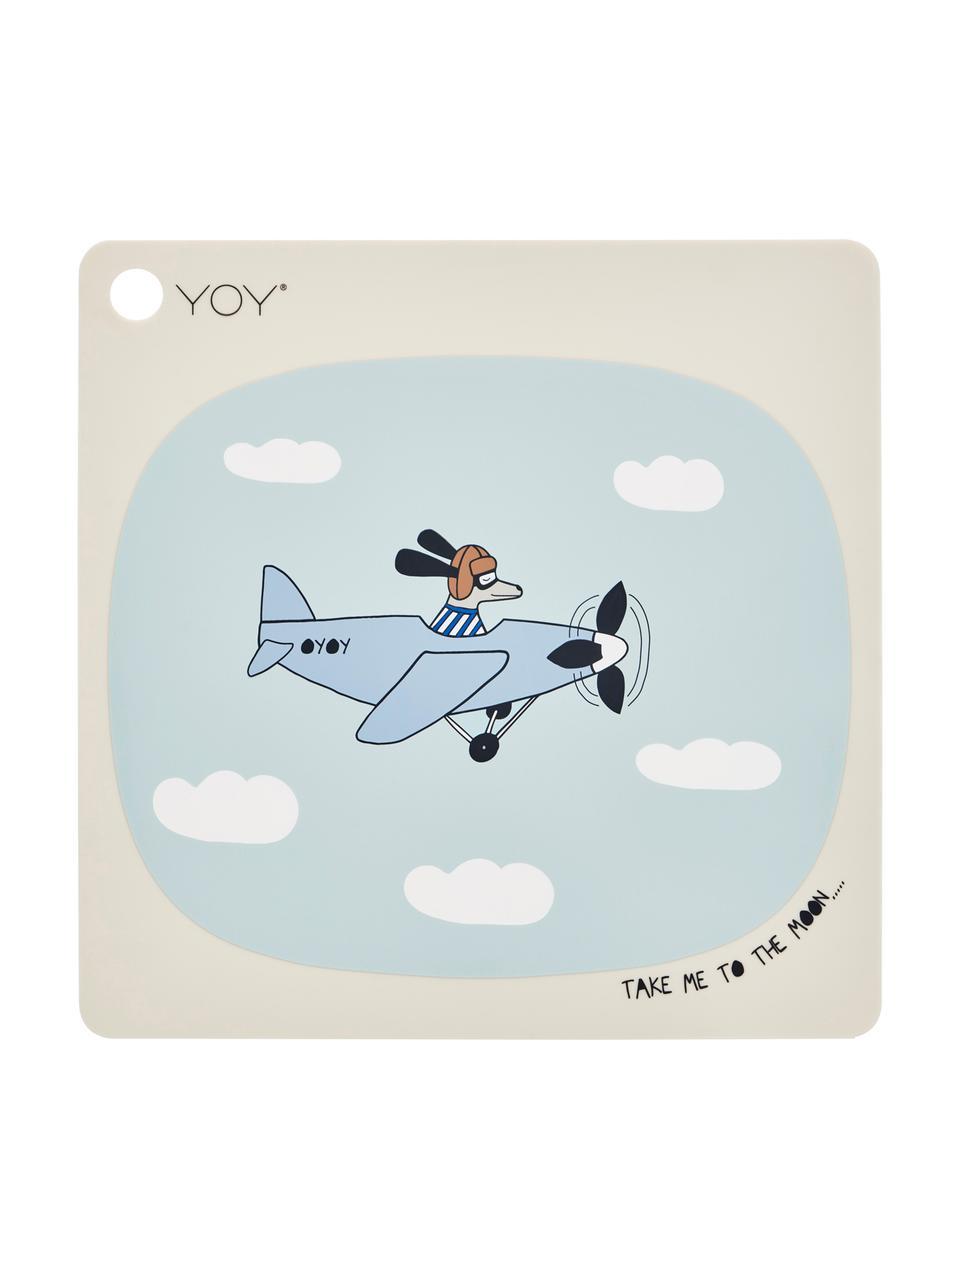 Tischset Aeroplane, Silikon, Beige, Blau, Weiß, Schwarz, Braun, 38 x 38 cm